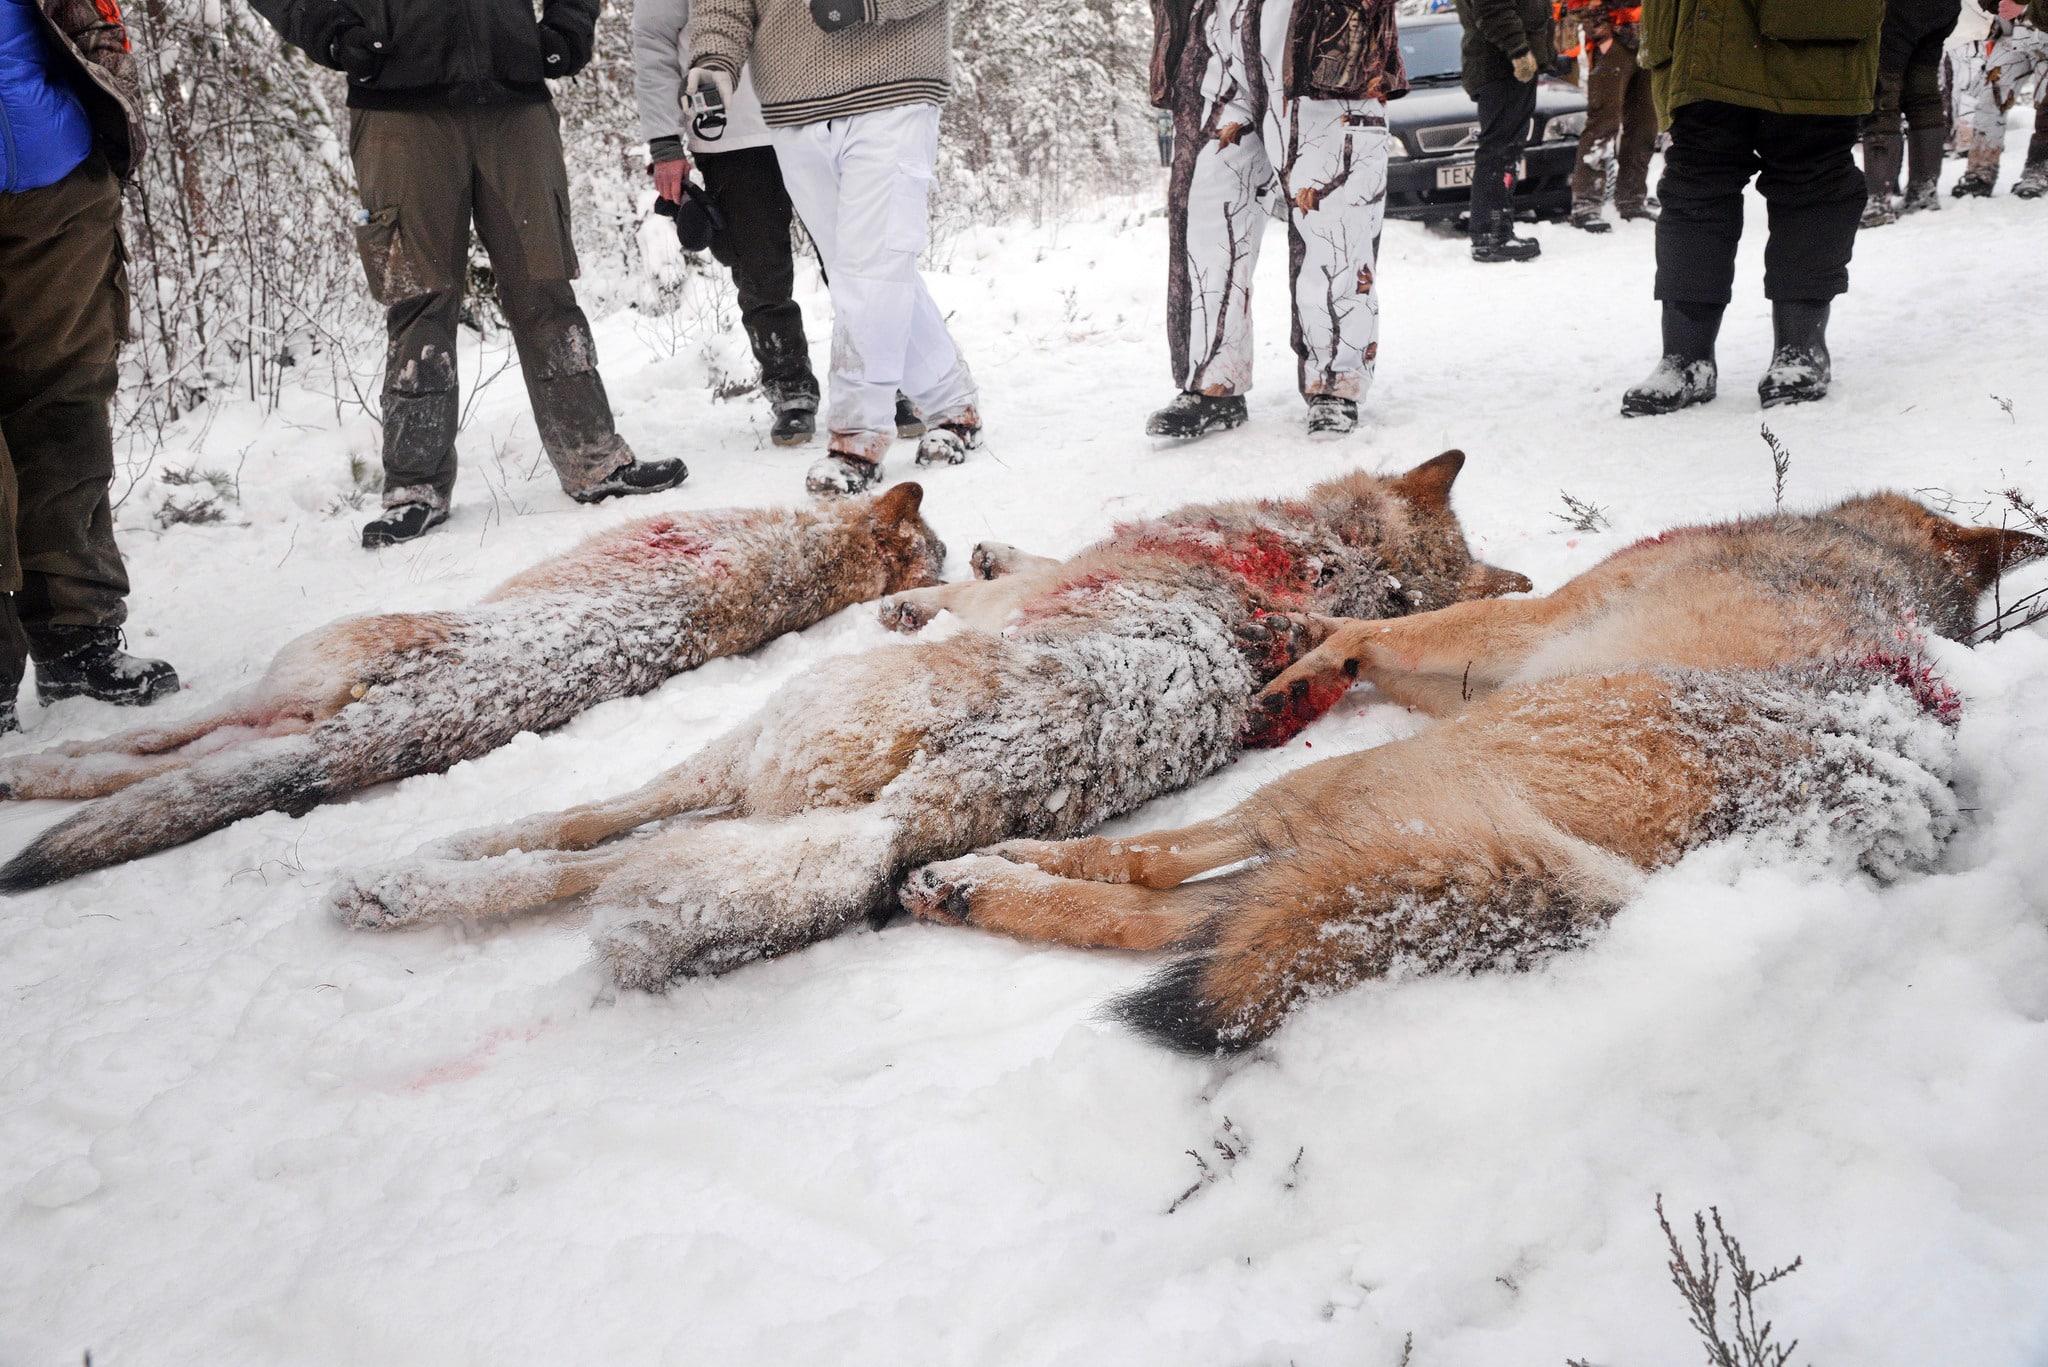 Eftersom vargarna i Dalarna och Gävleborg redan är skjutna prövar inte Förvaltningsrätten i Falun sakfrågan utan avskriver målet. Foto: Lars-Henrik Andersson